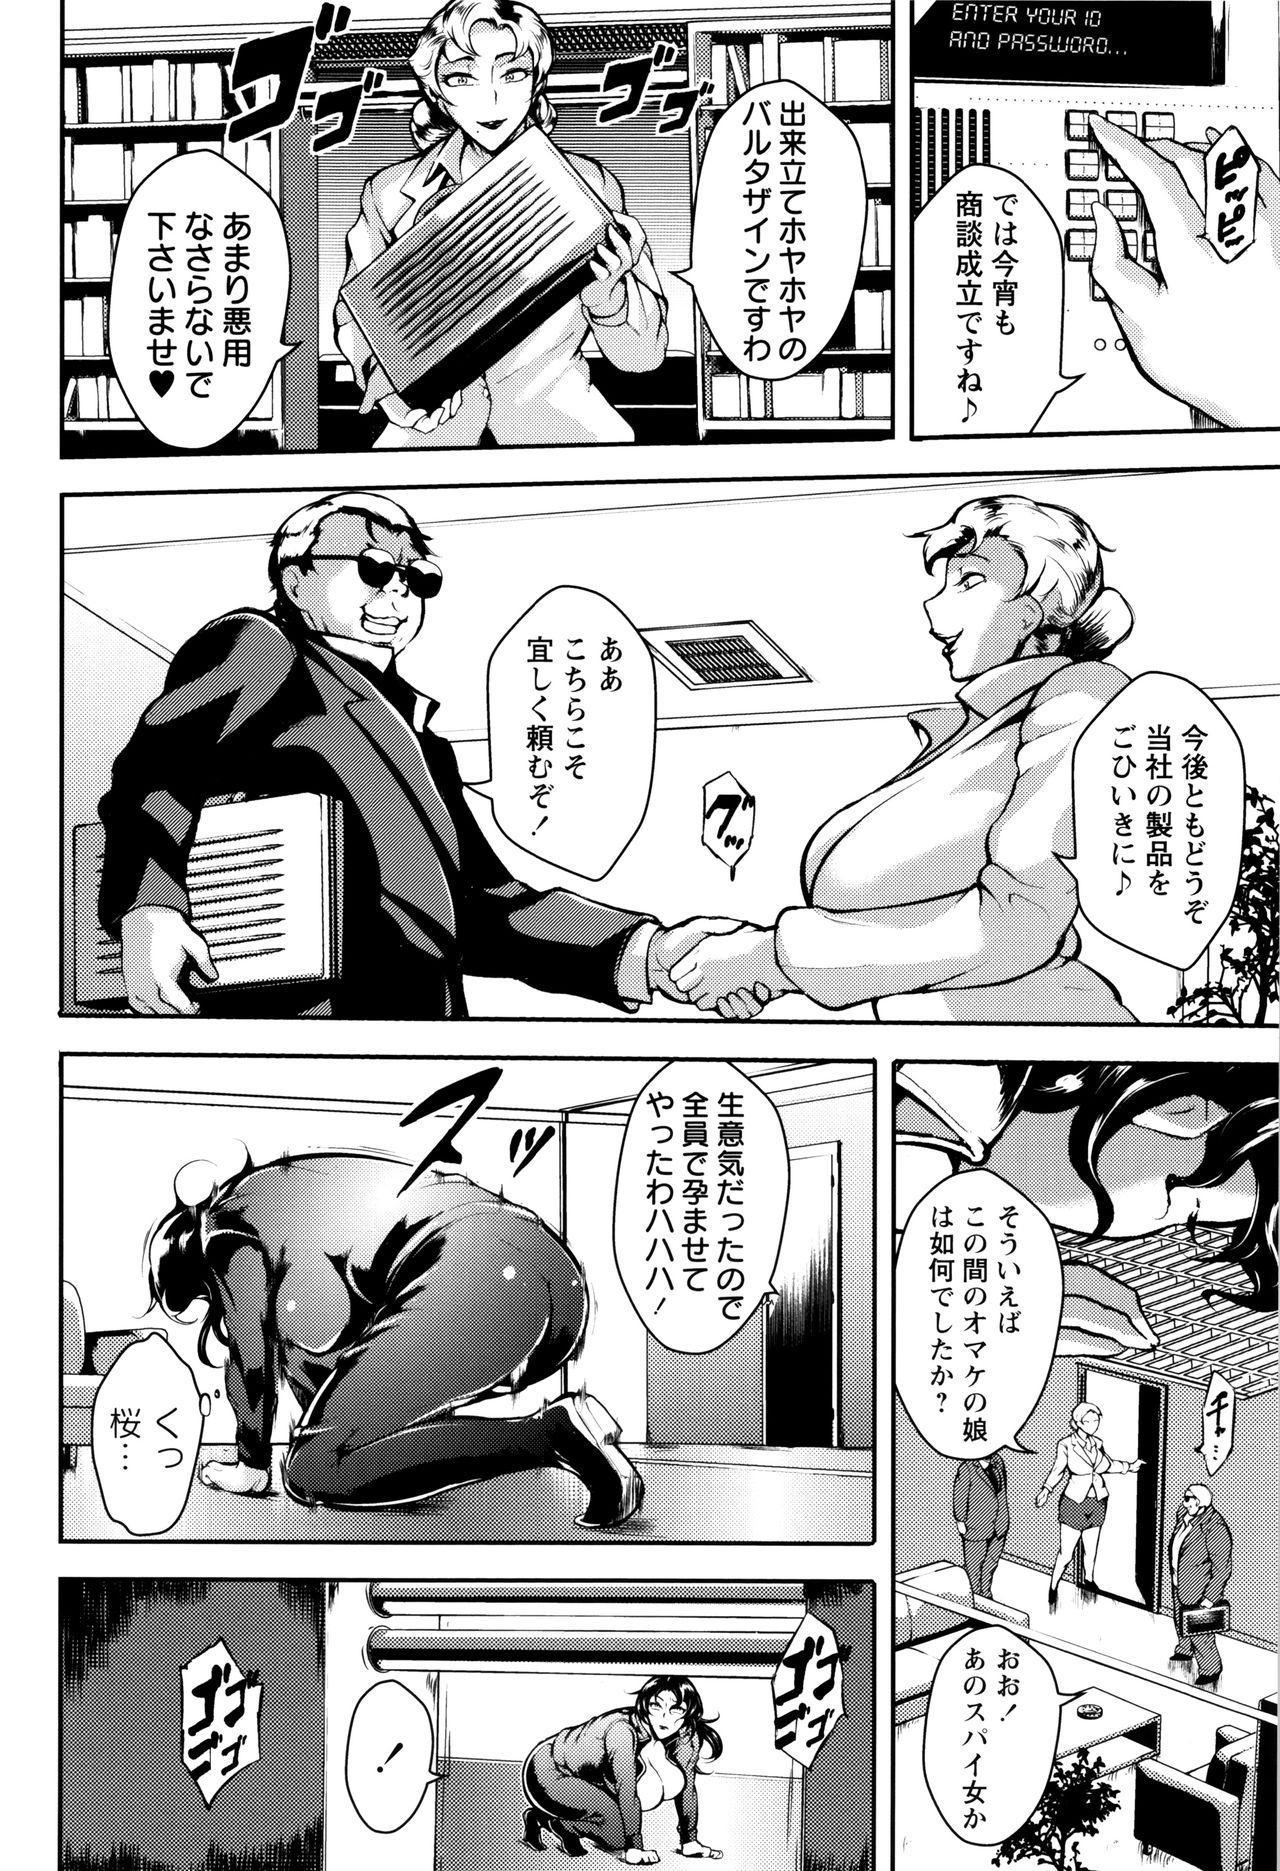 Ero BBA ♥ Dosukebe Ha Sengen 13